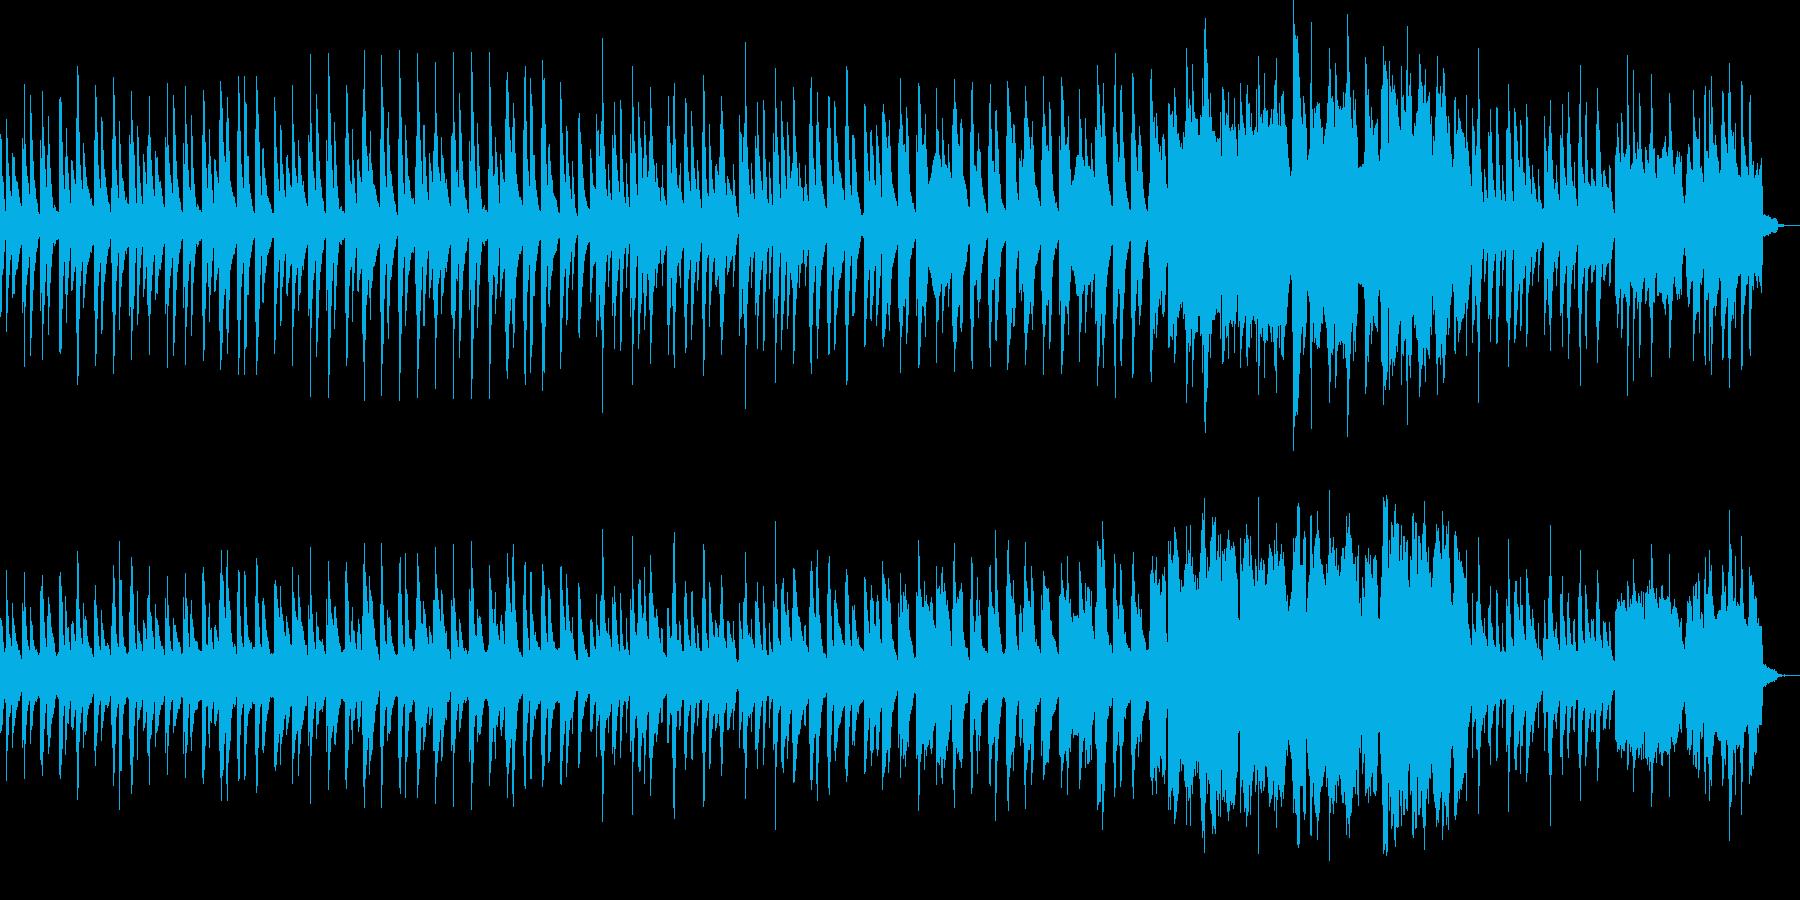 静かで切ない系のインスト曲の再生済みの波形